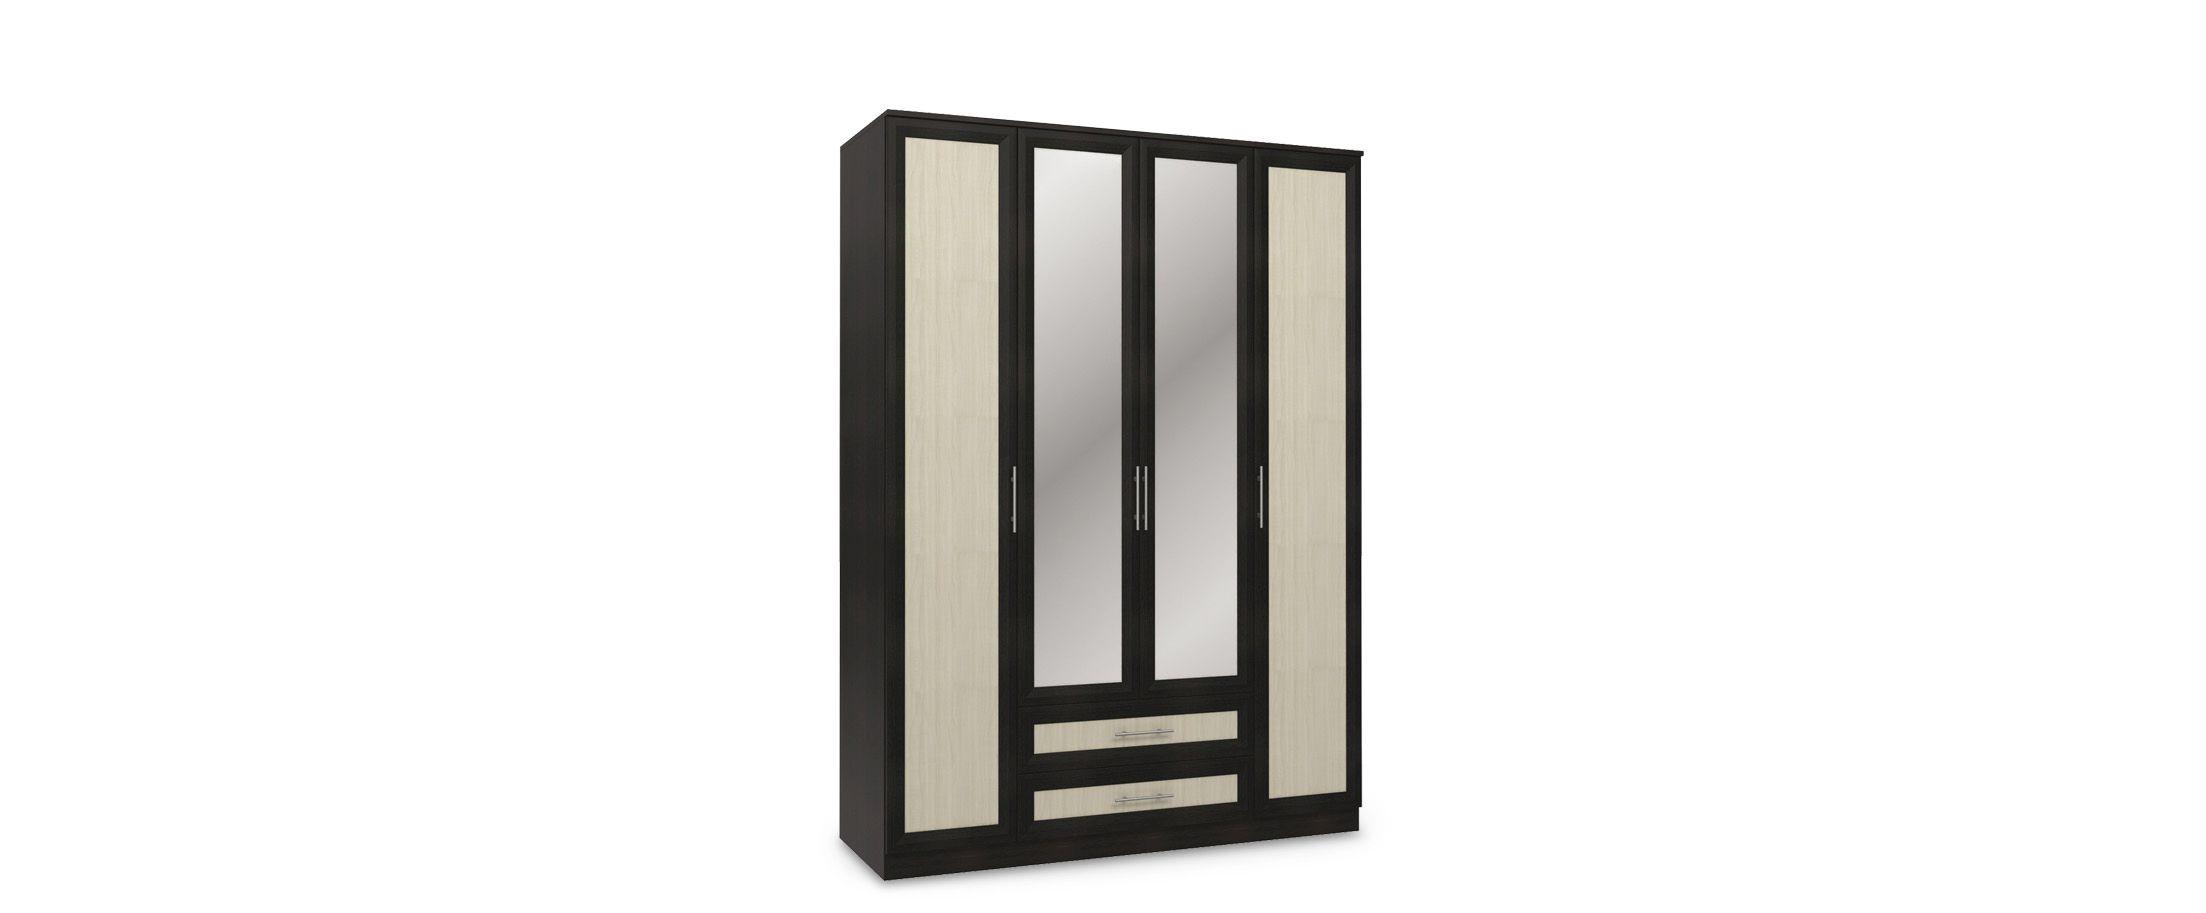 Шкаф 4-дверный с зеркалами Юлианна от MOON TRADE